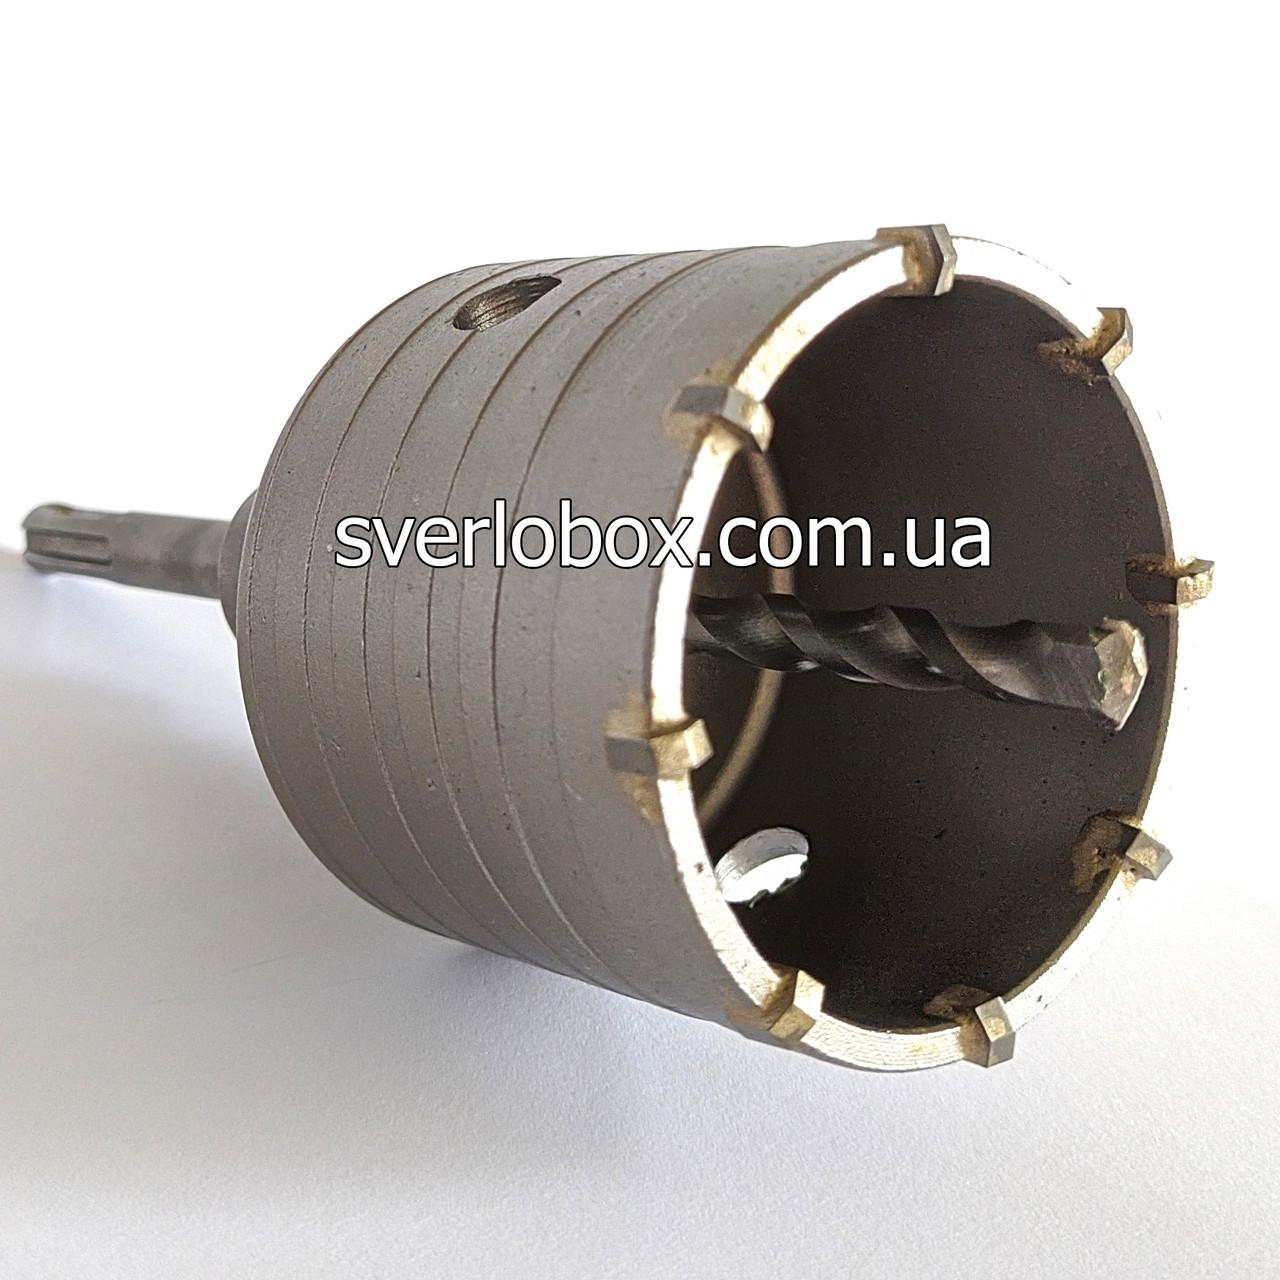 Коронка по бетону для перфоратора 80 мм SDS-plus